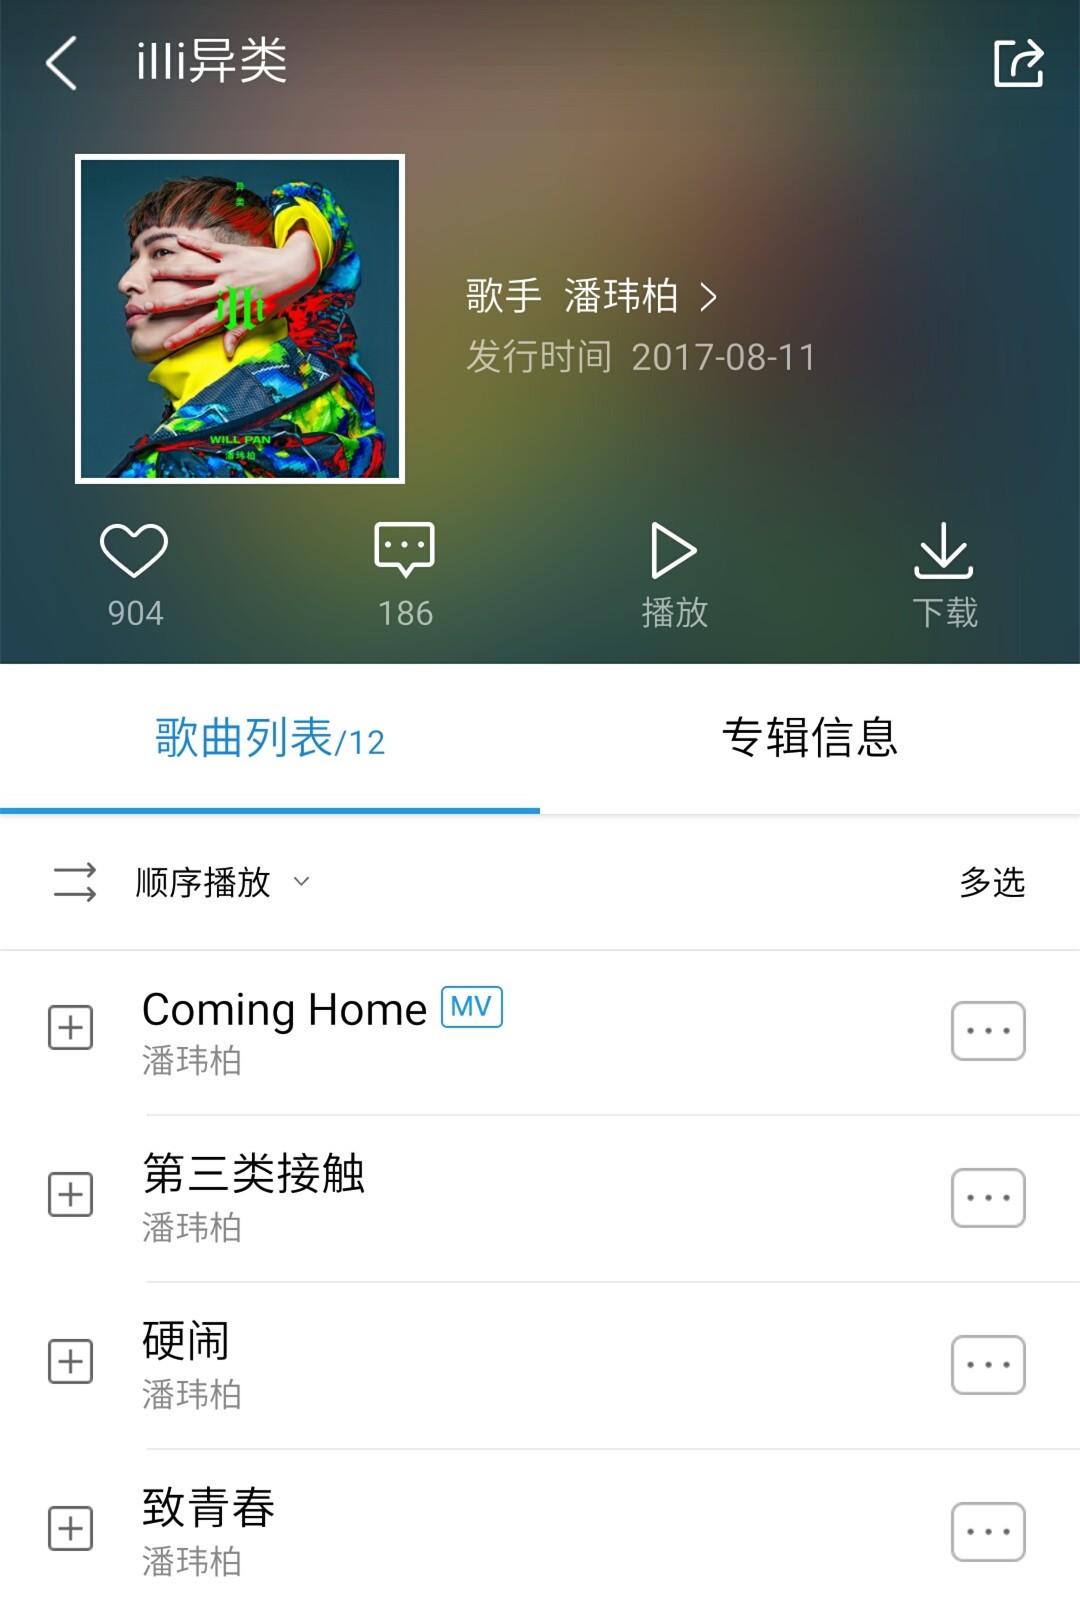 潘玮柏《iIIi异类》专辑歌曲.jpg